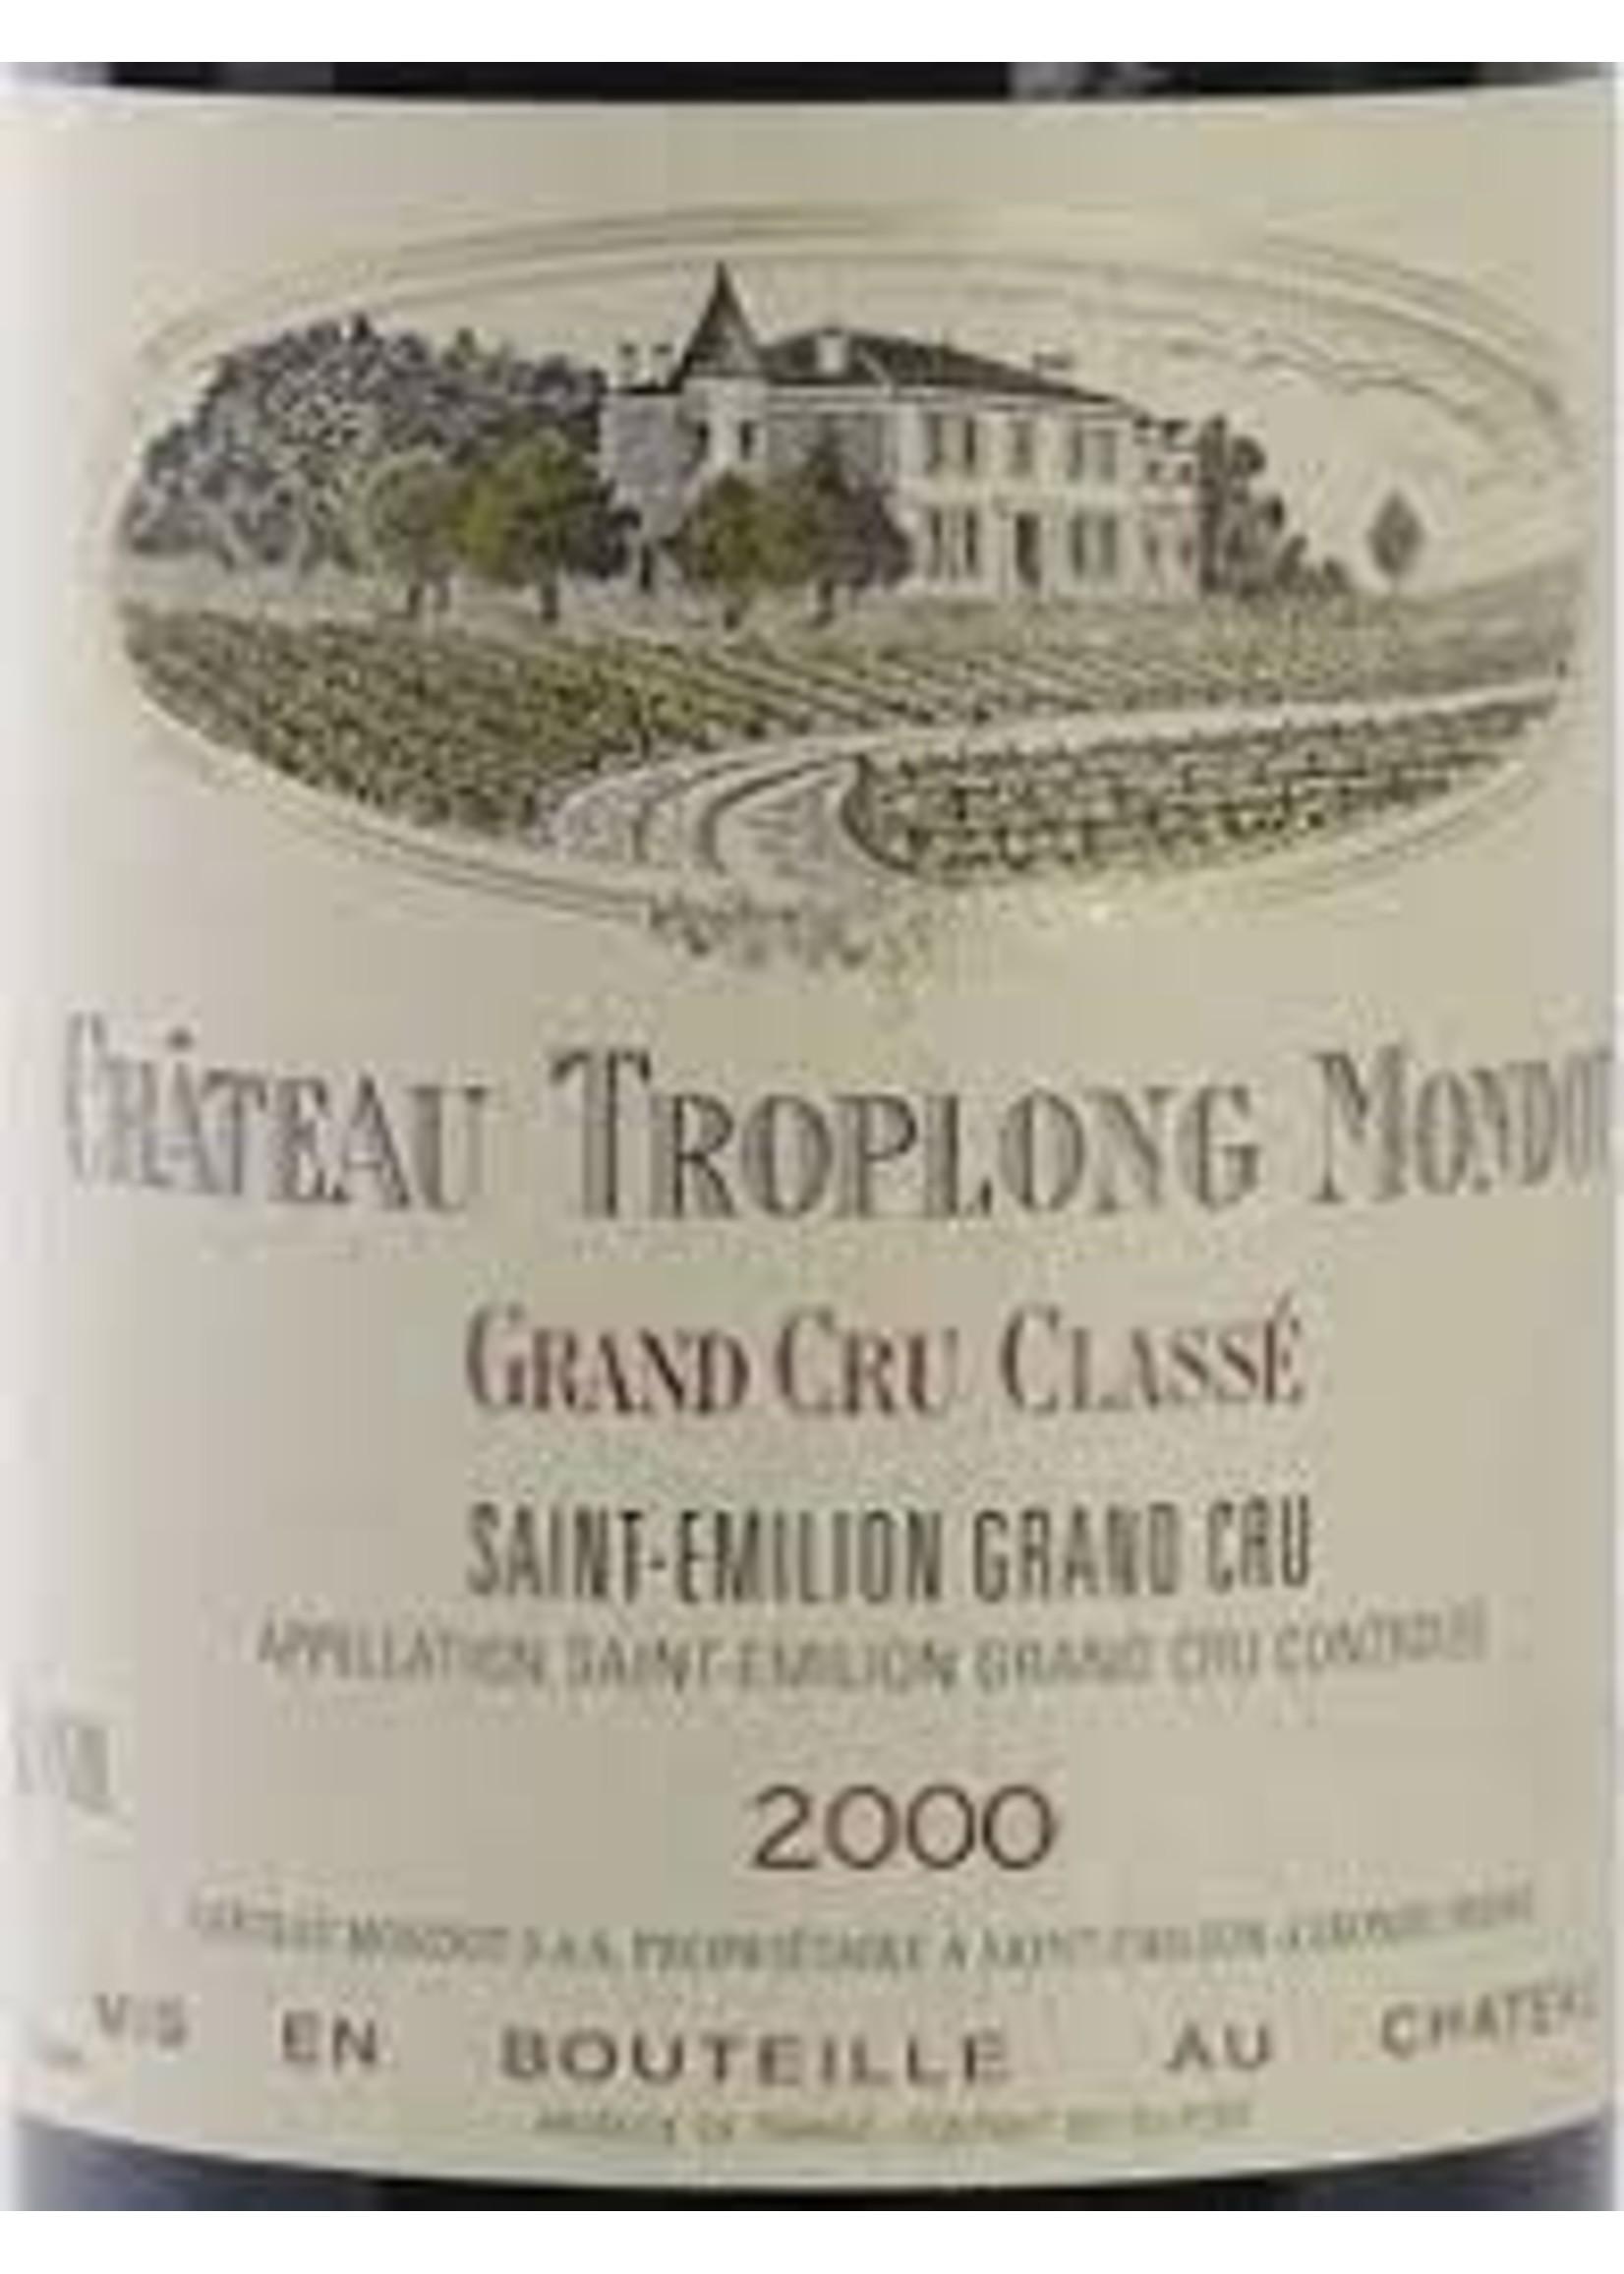 Chateau Troplong Mondot 2000 St. Emilion 750ml [PRE-ARRIVAL]